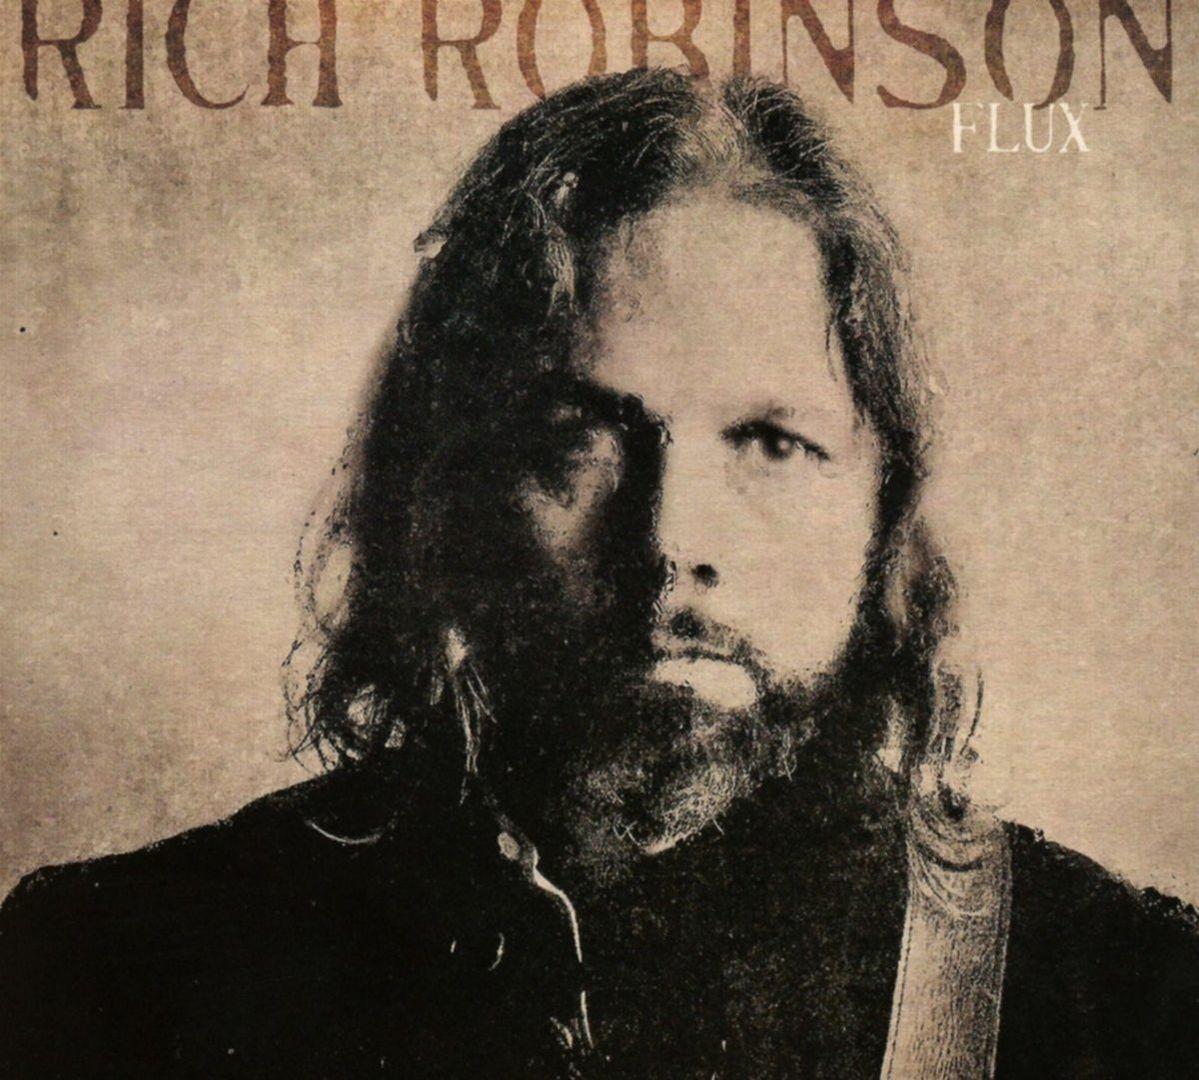 21-rich-robinson